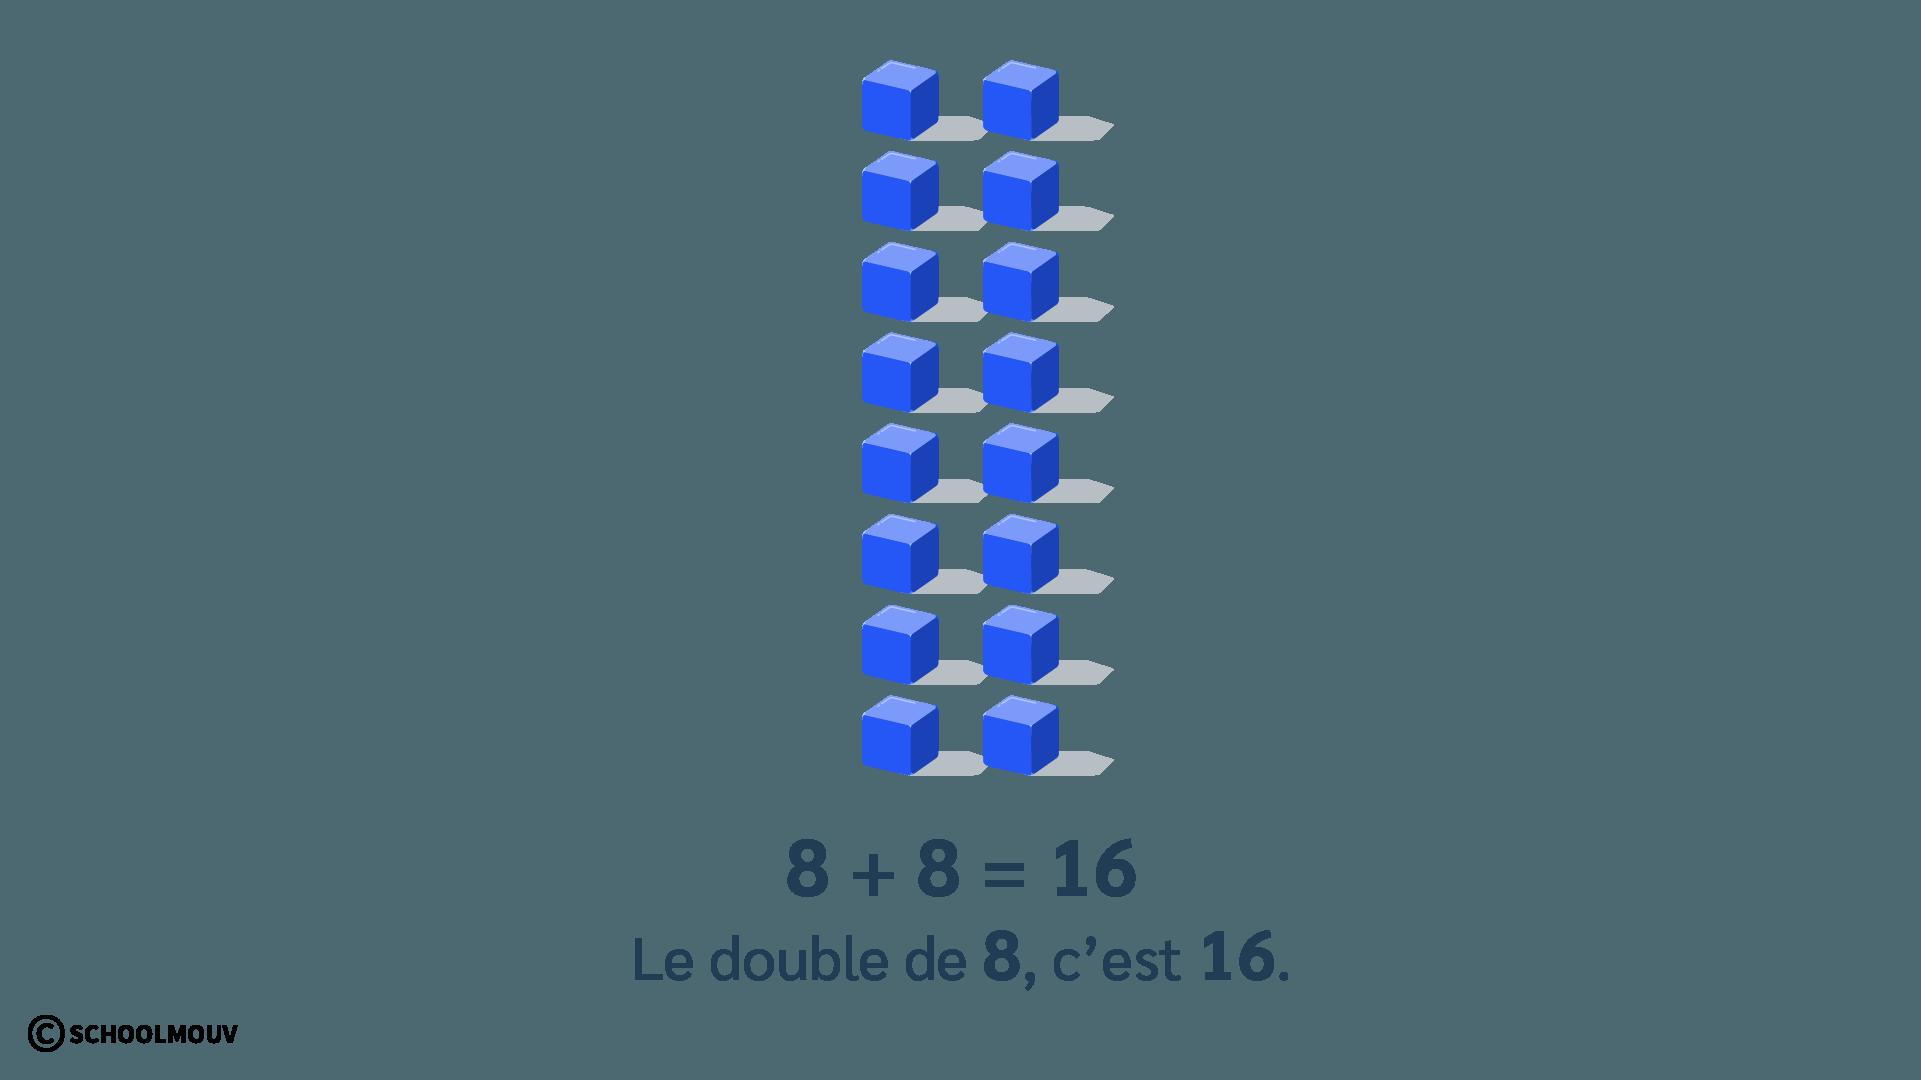 double de 8